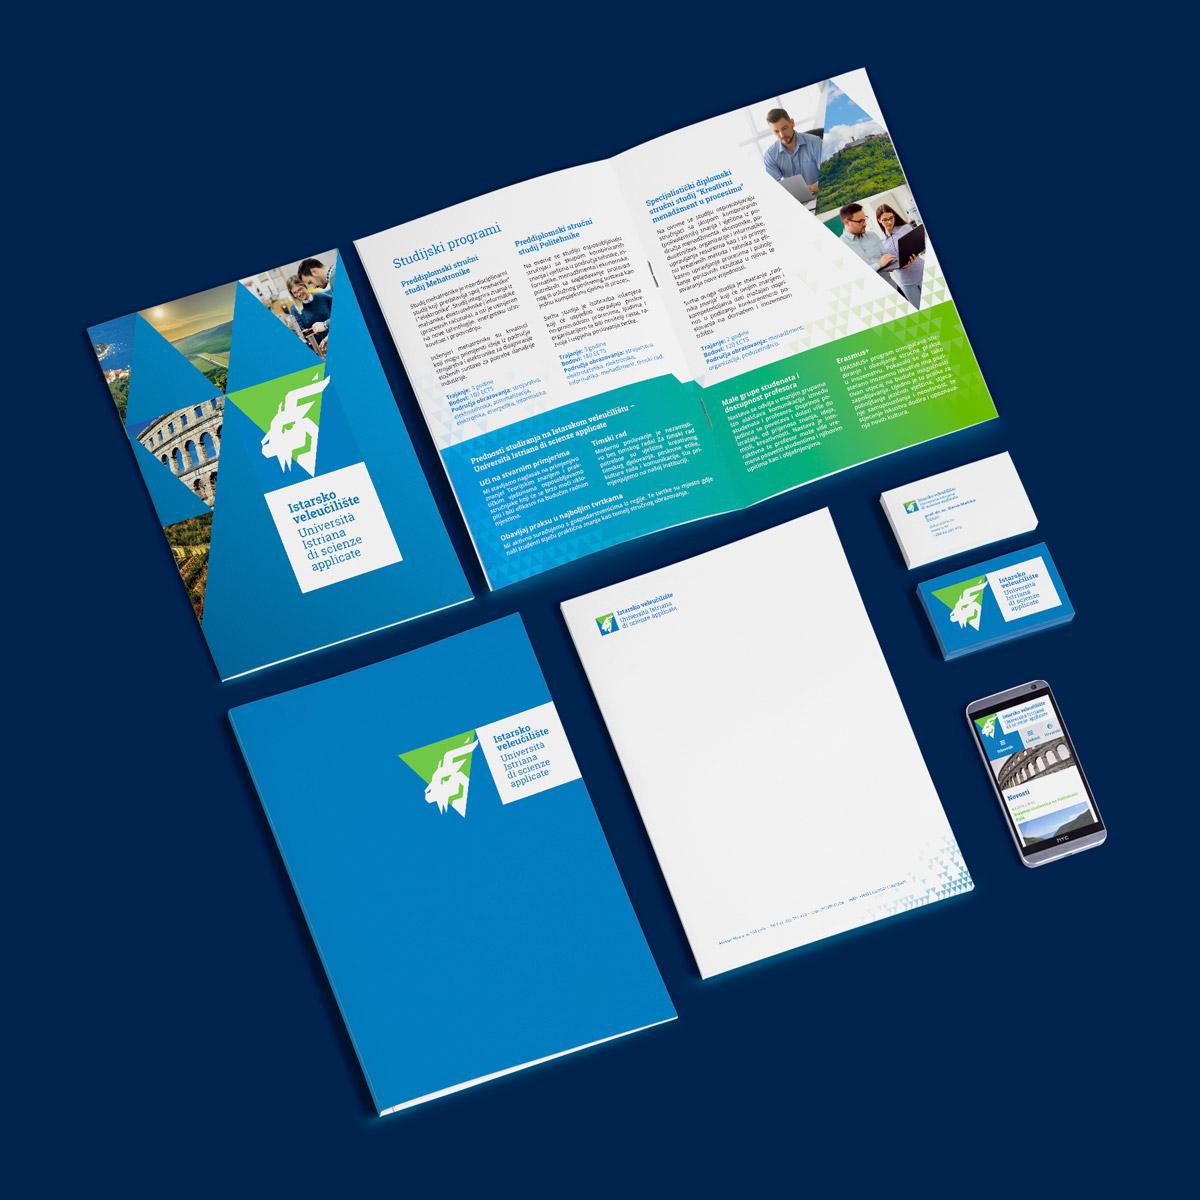 Istarsko veleučilište vizualni identitet - Posjetnica, memorandum, mapa, brošura